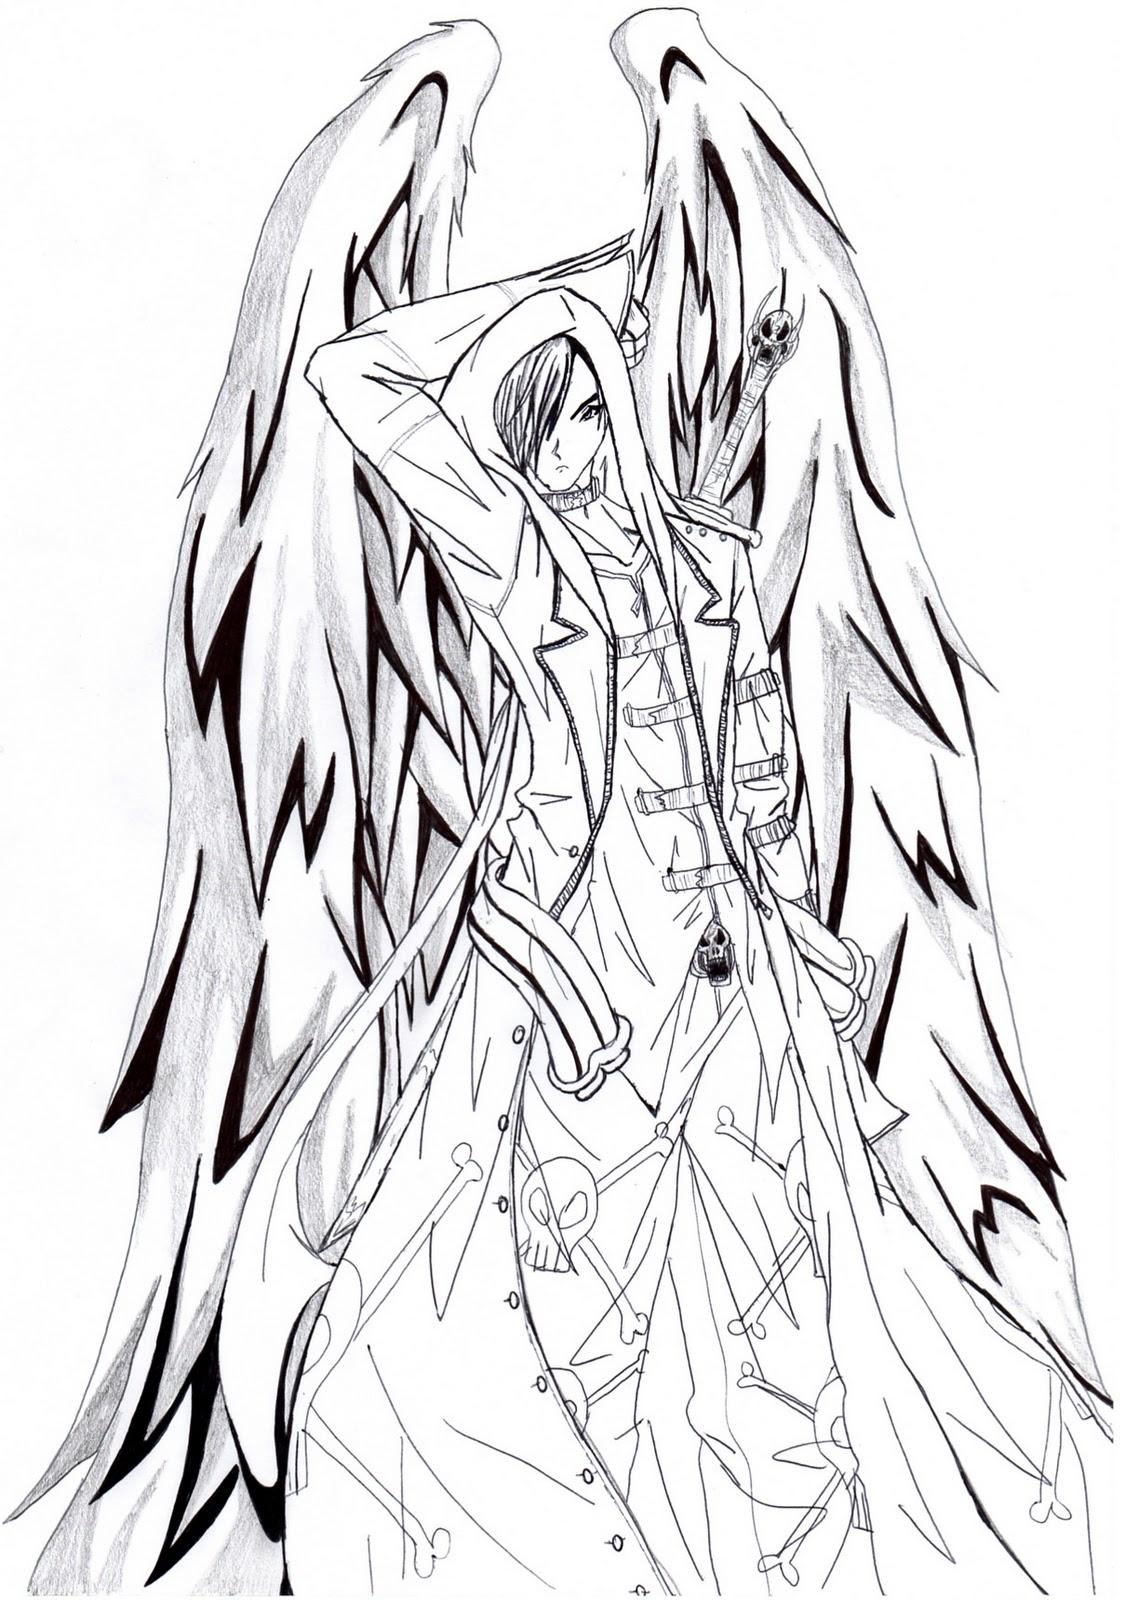 Angel del rey heart shaped bush - 1 part 9